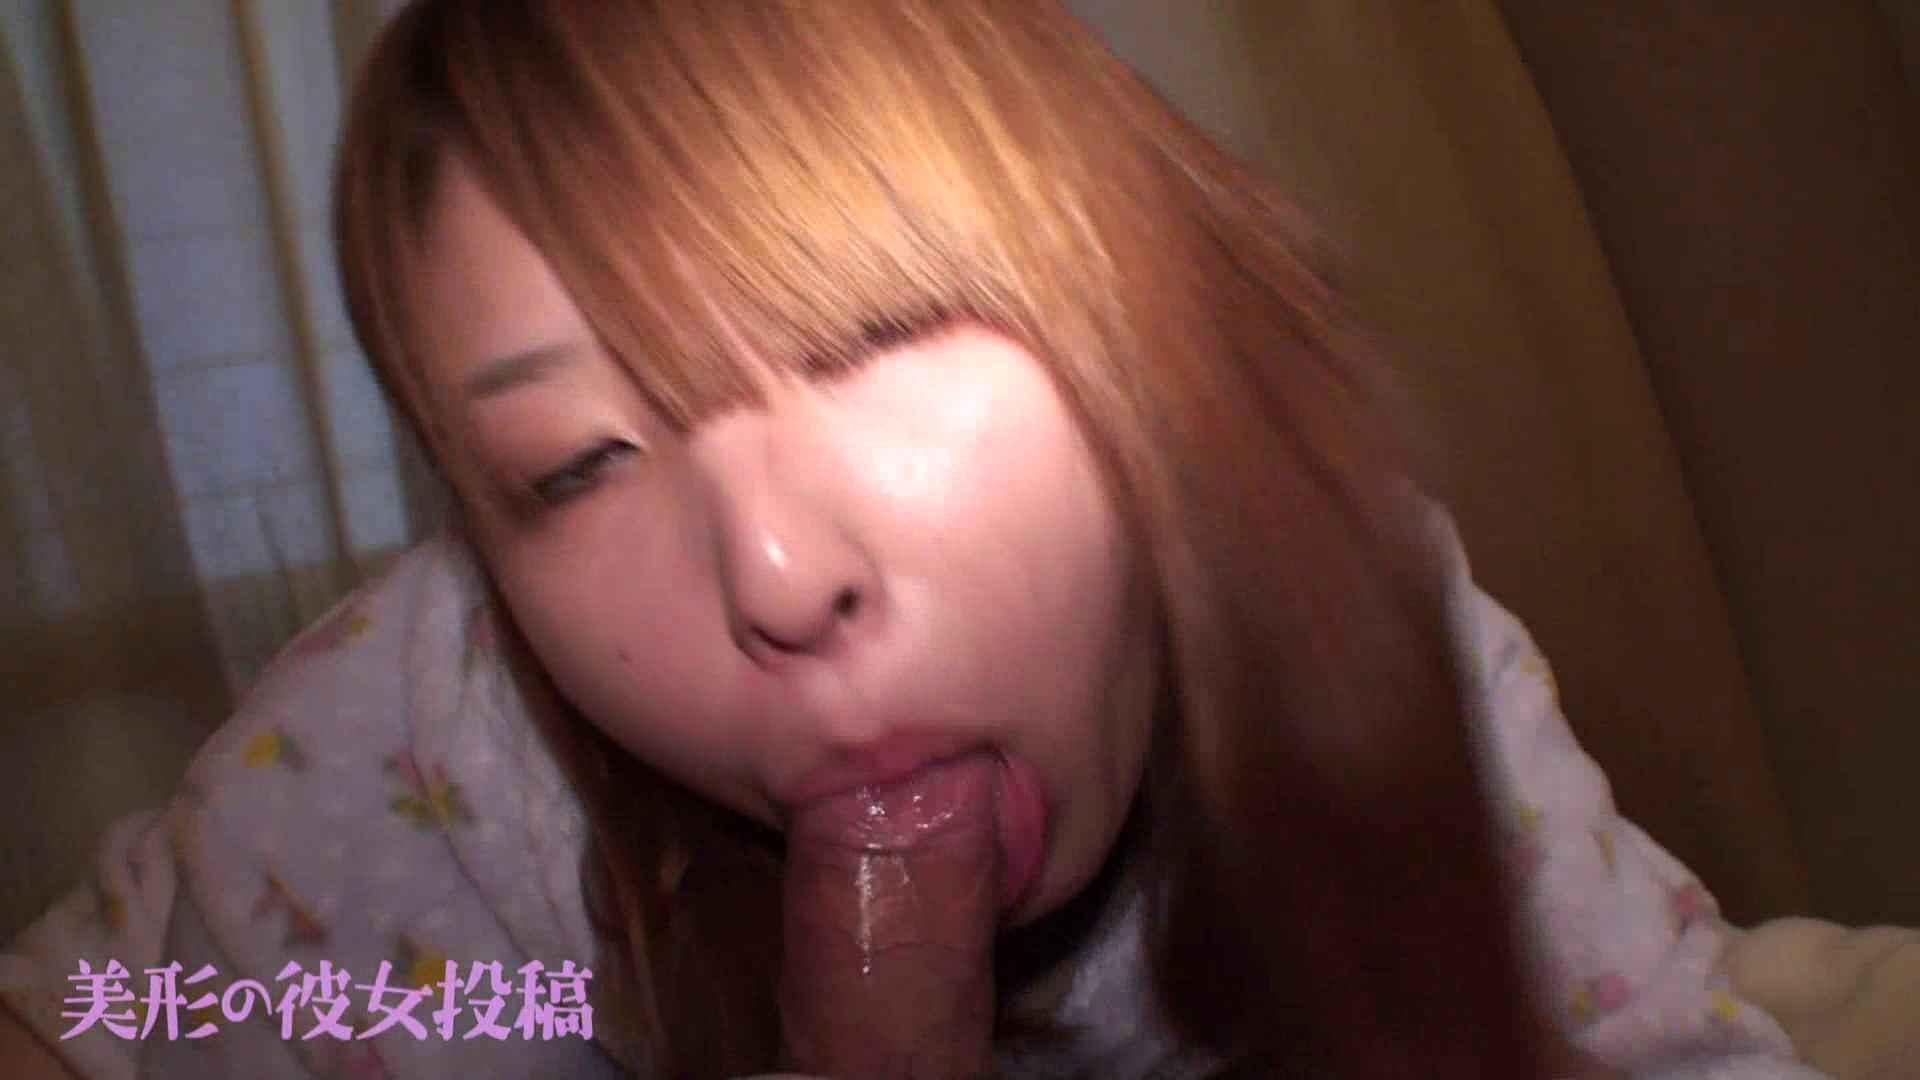 超美形の彼女を投稿!!04 一般投稿 戯れ無修正画像 99pic 38